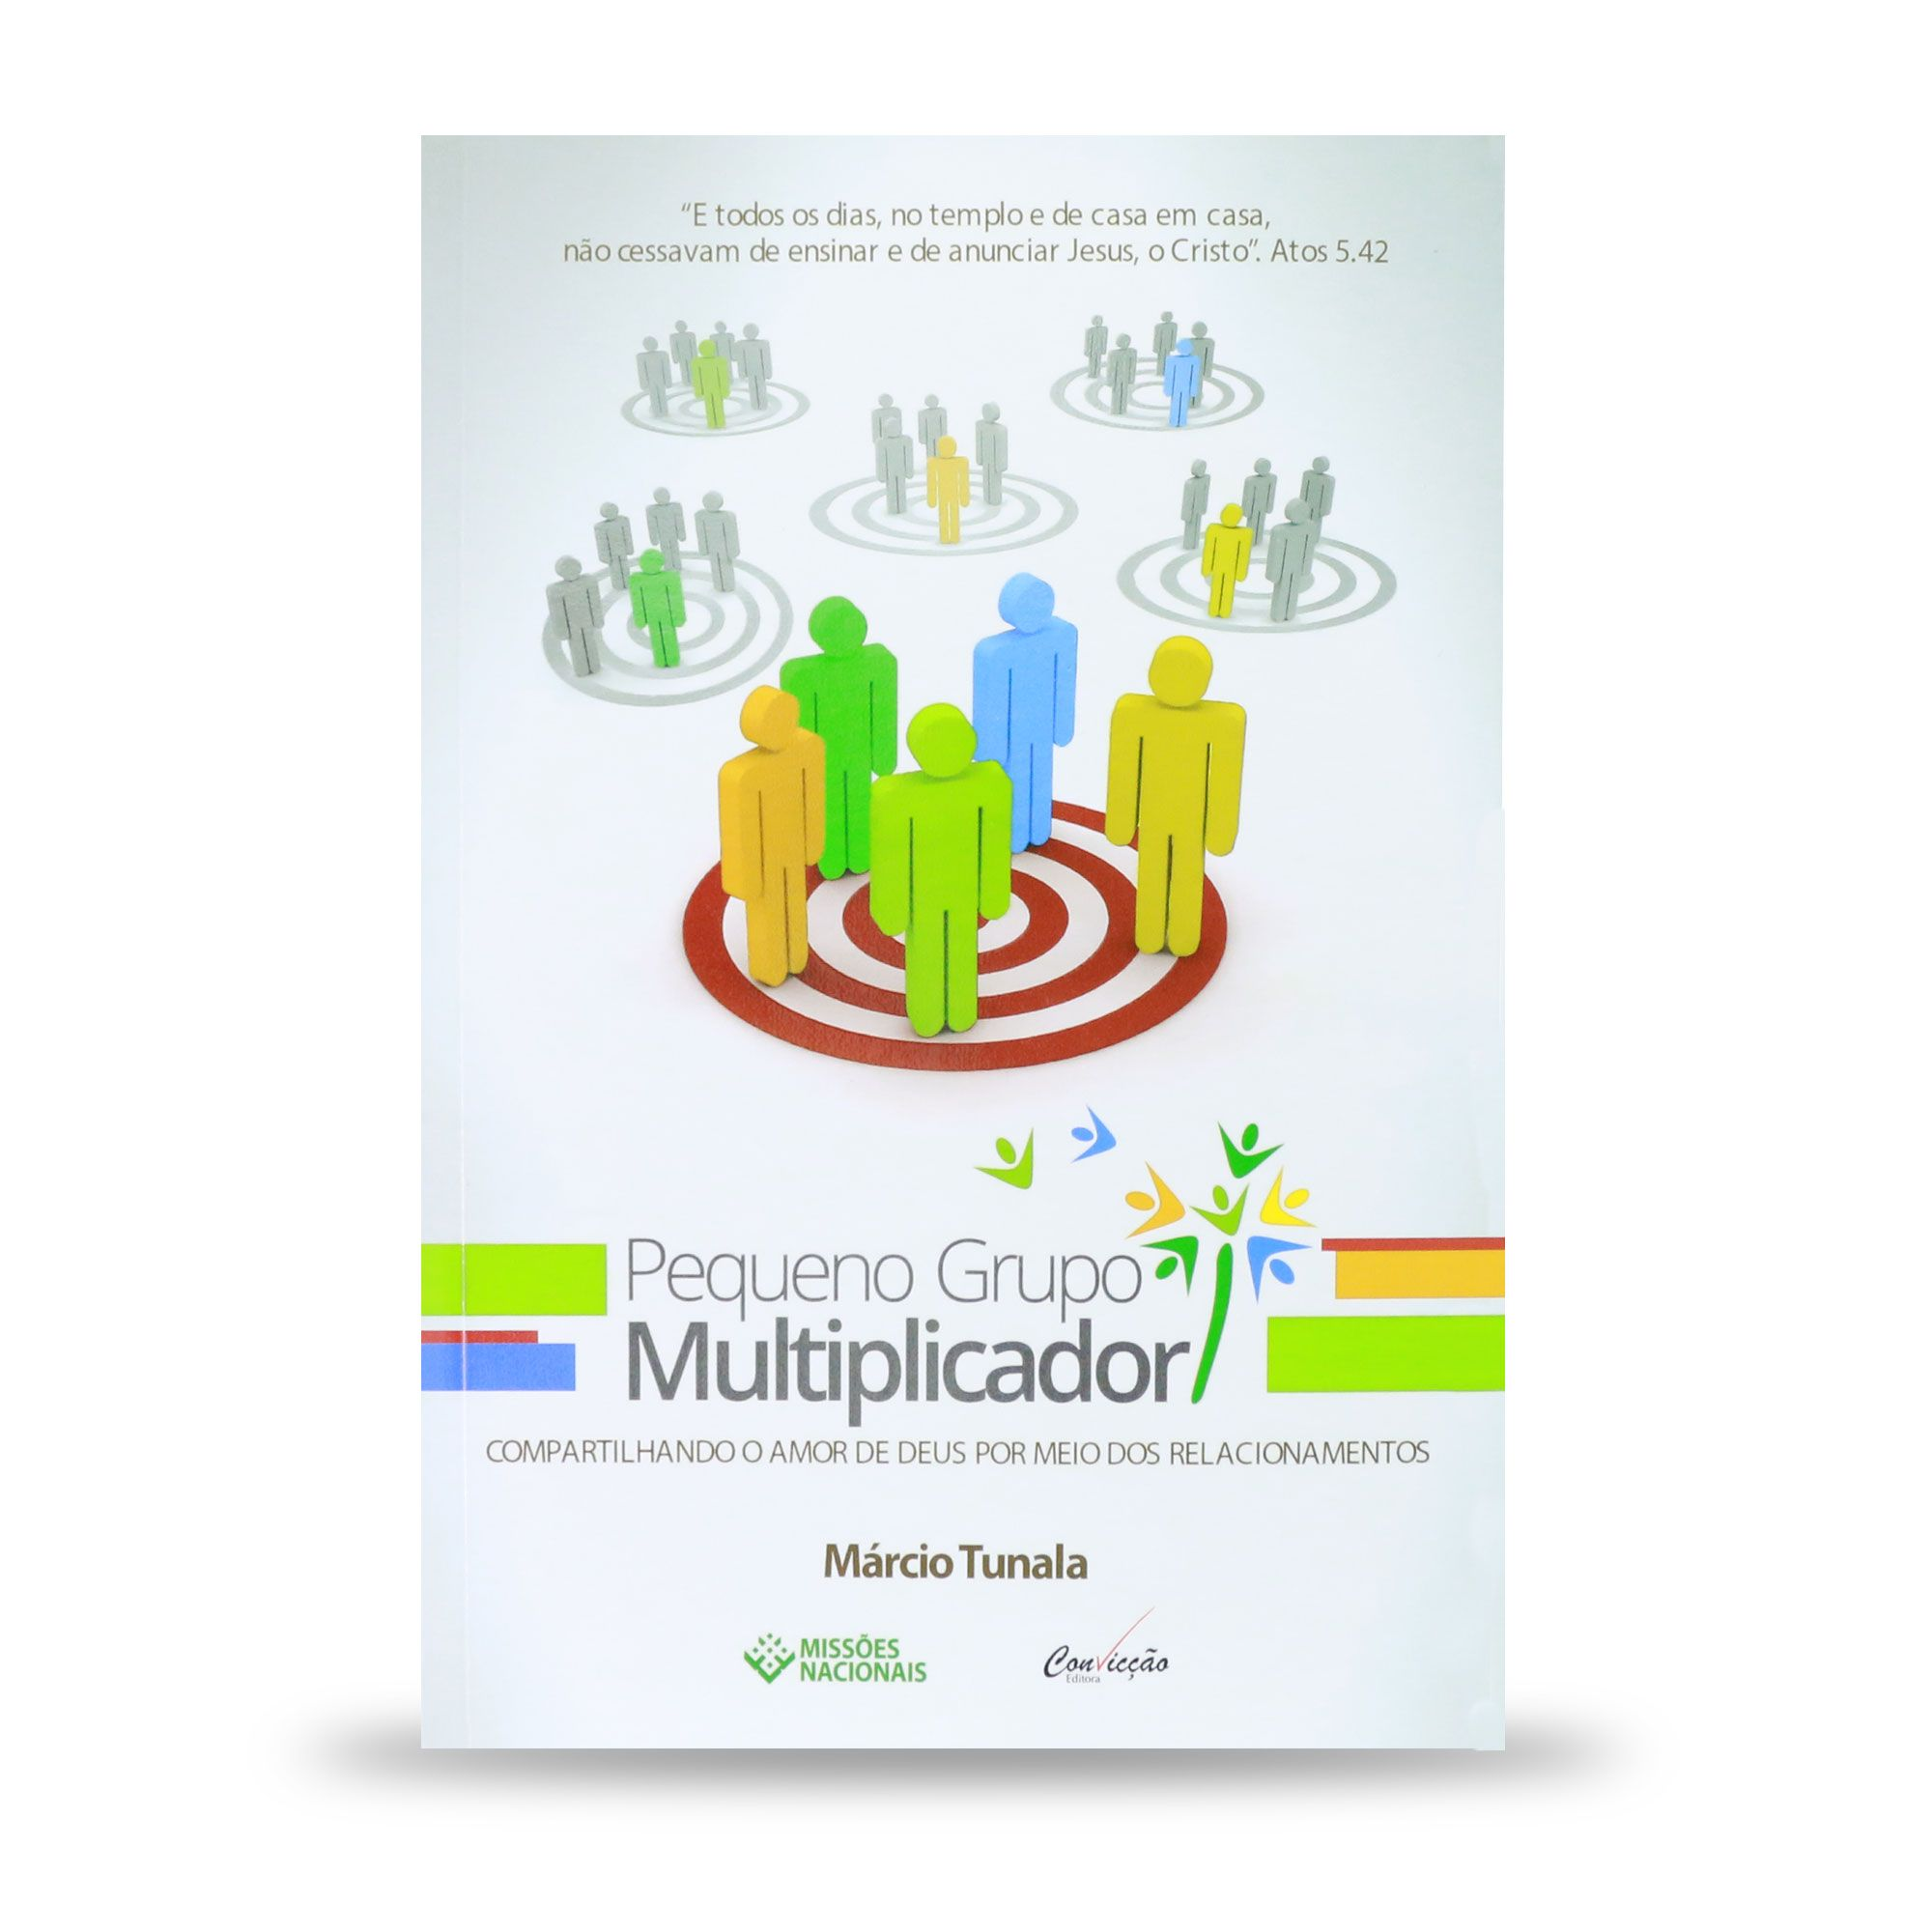 Pequenos Grupos Multiplicadores - Compartilhando o amor de Deus